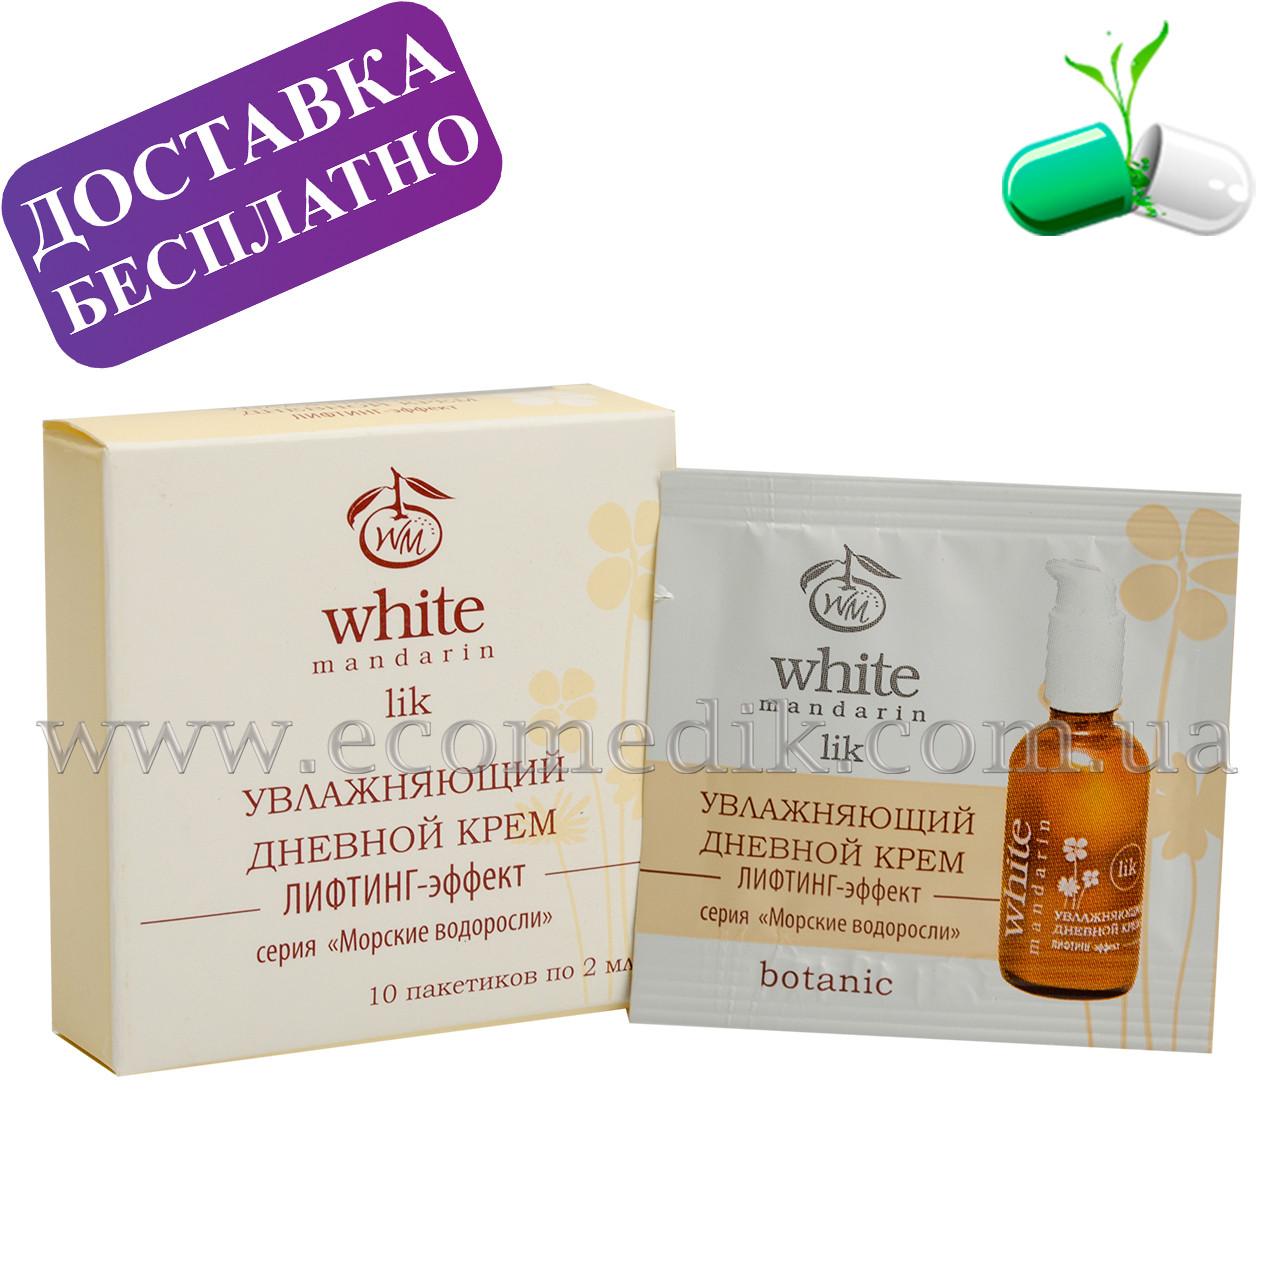 Пробник увлажняющего дневного крема «Лифтинг-эффект» серии «Морские водоросли» White Mandarin 2 мл